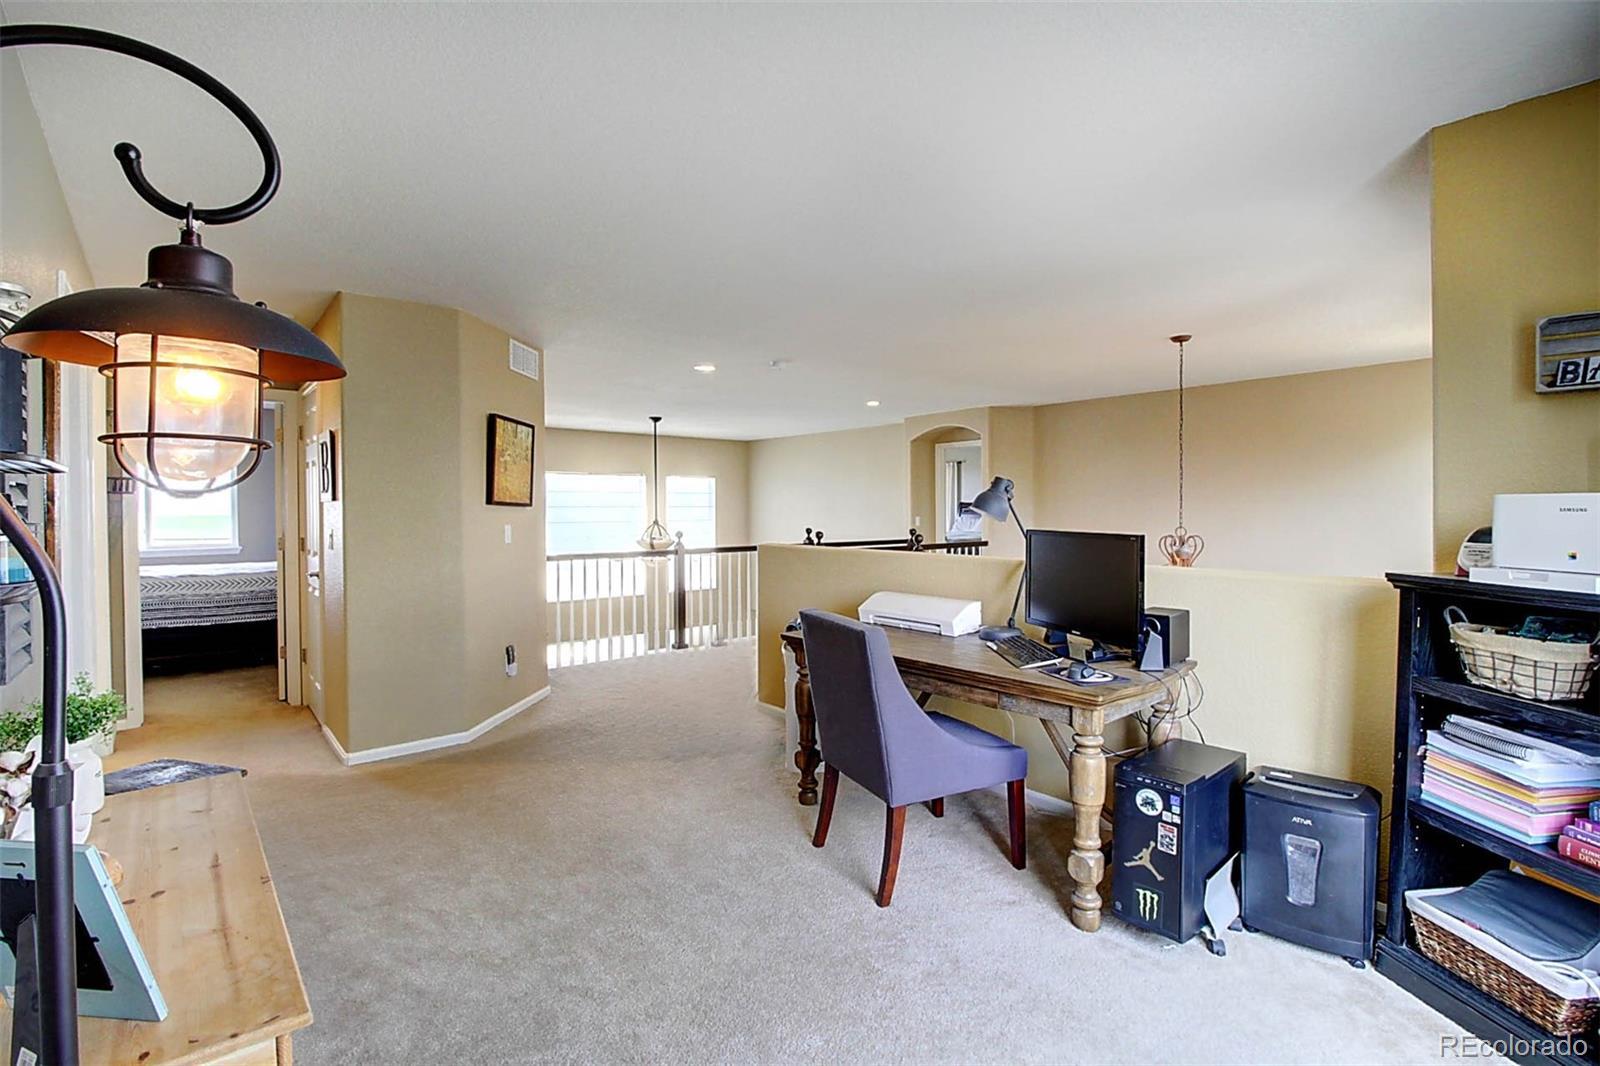 MLS# 9971596 - 20 - 49435 Antelope Drive, Bennett, CO 80102